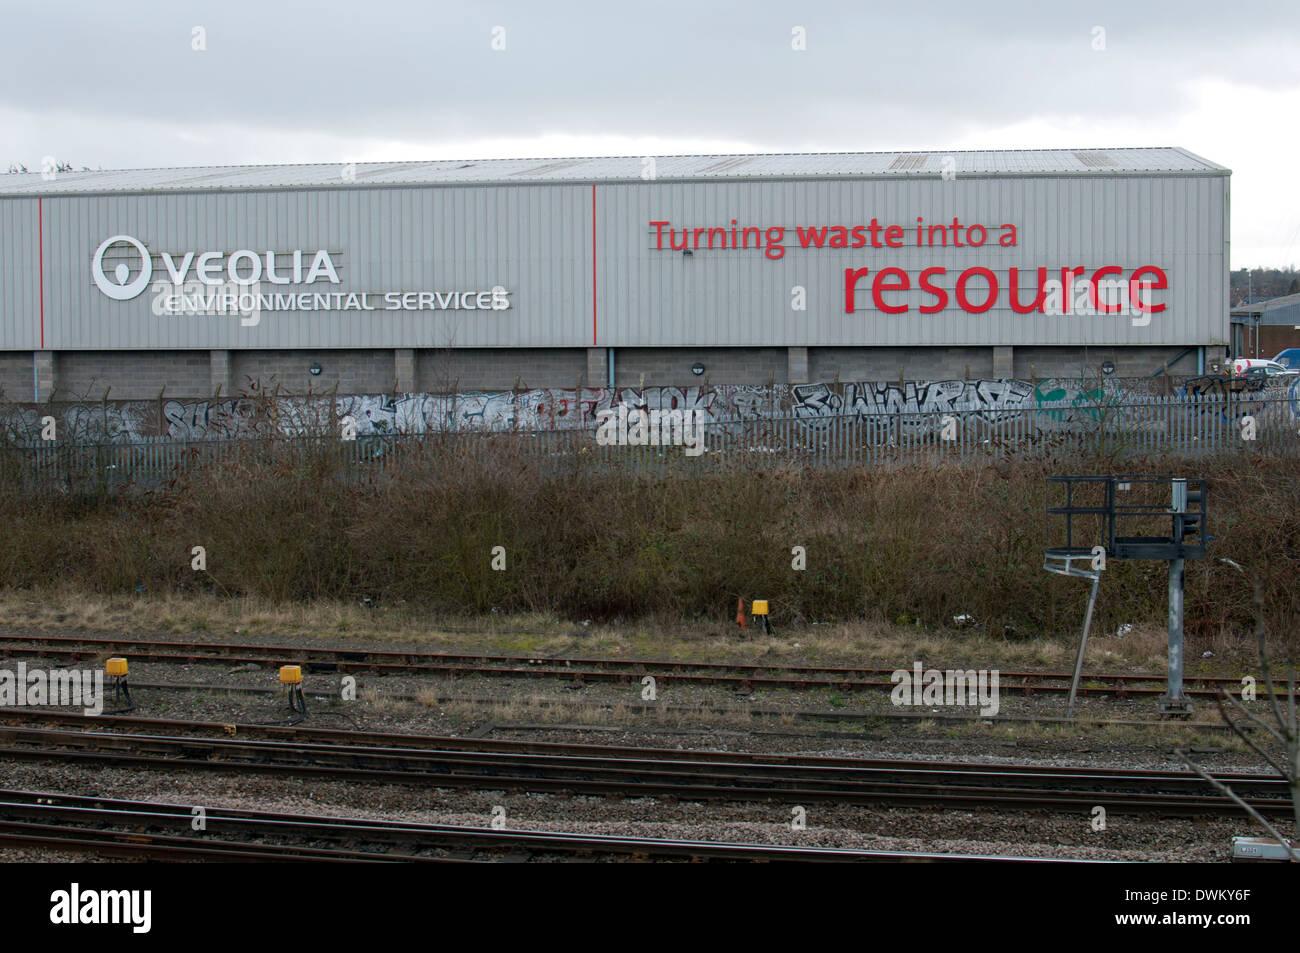 Veolia gestione dei rifiuti vegetali, Tyseley, Birmingham, Regno Unito Immagini Stock